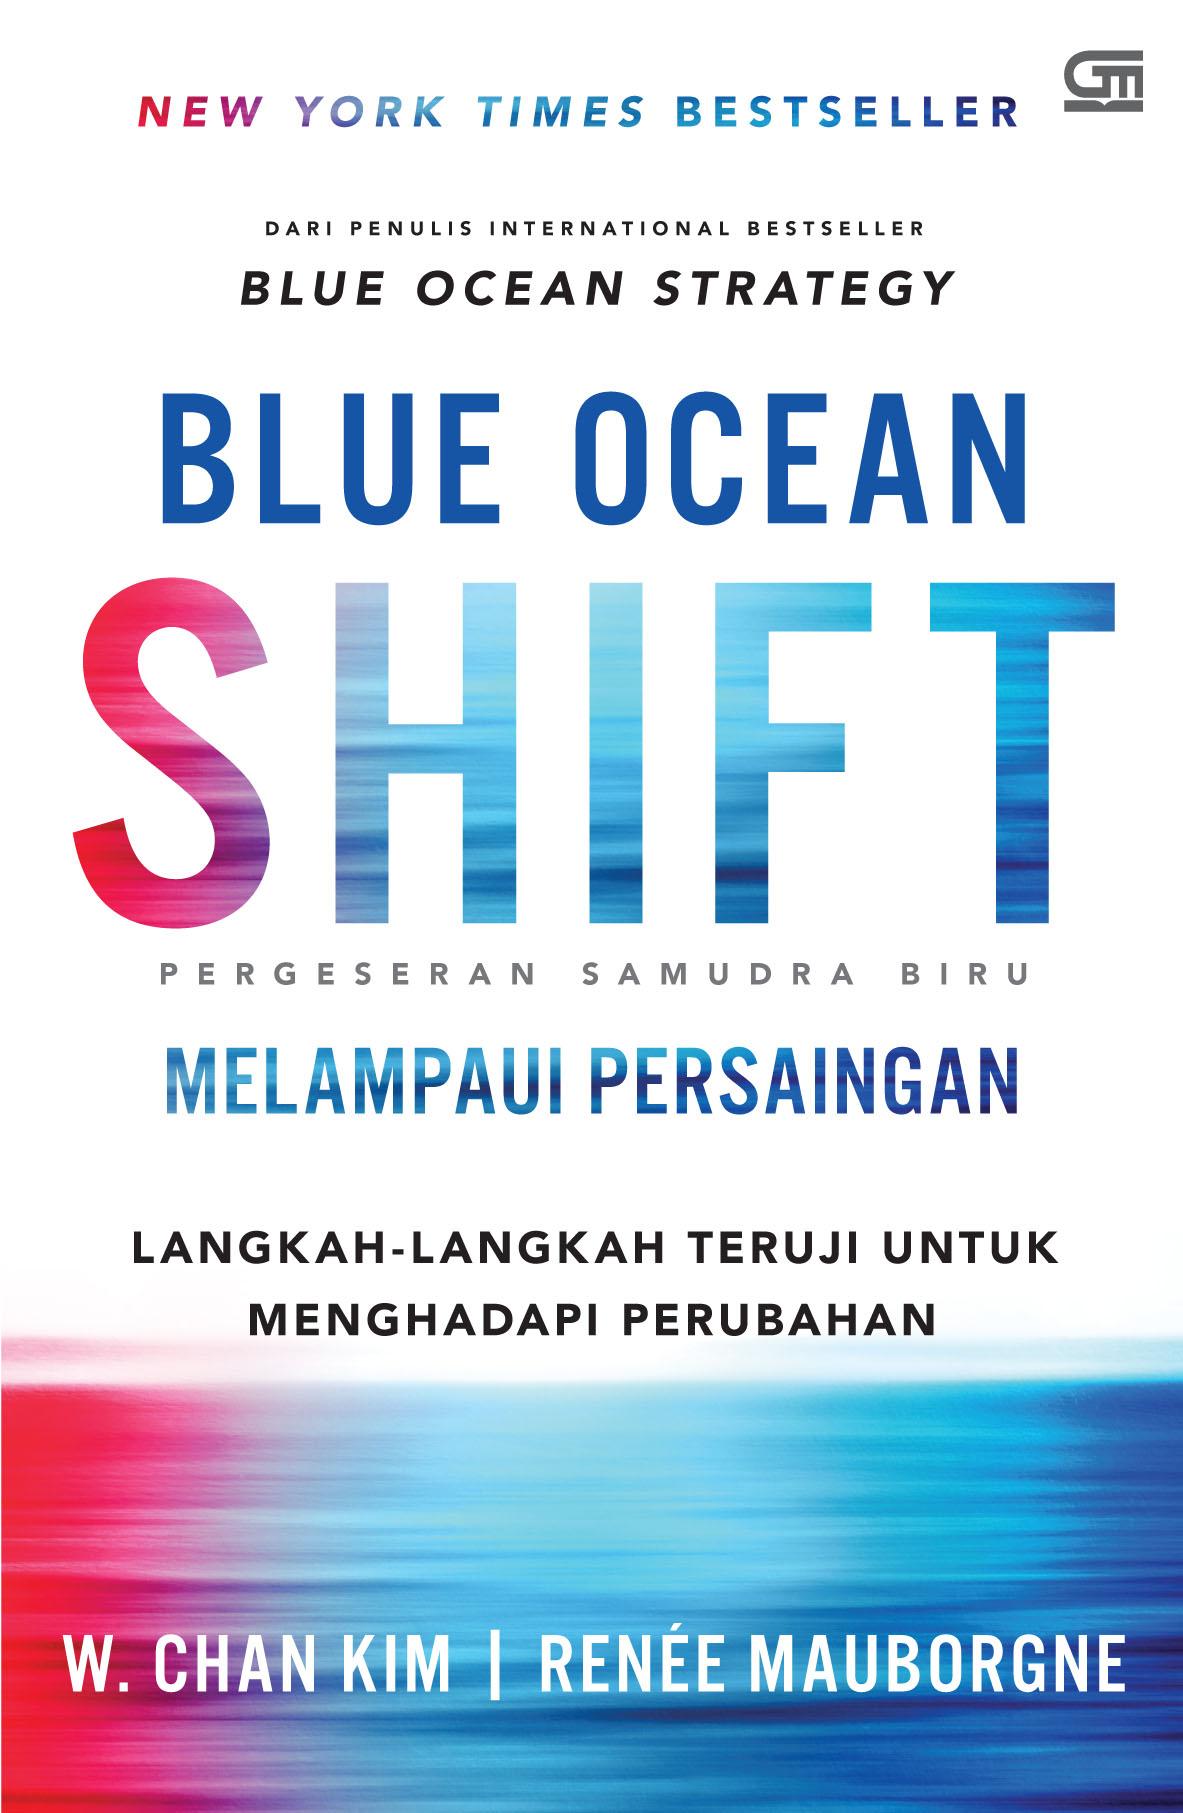 Pergeseran Samudra Biru - Melampaui Persaingan (Blue Ocean Shift - Beyond Competing)